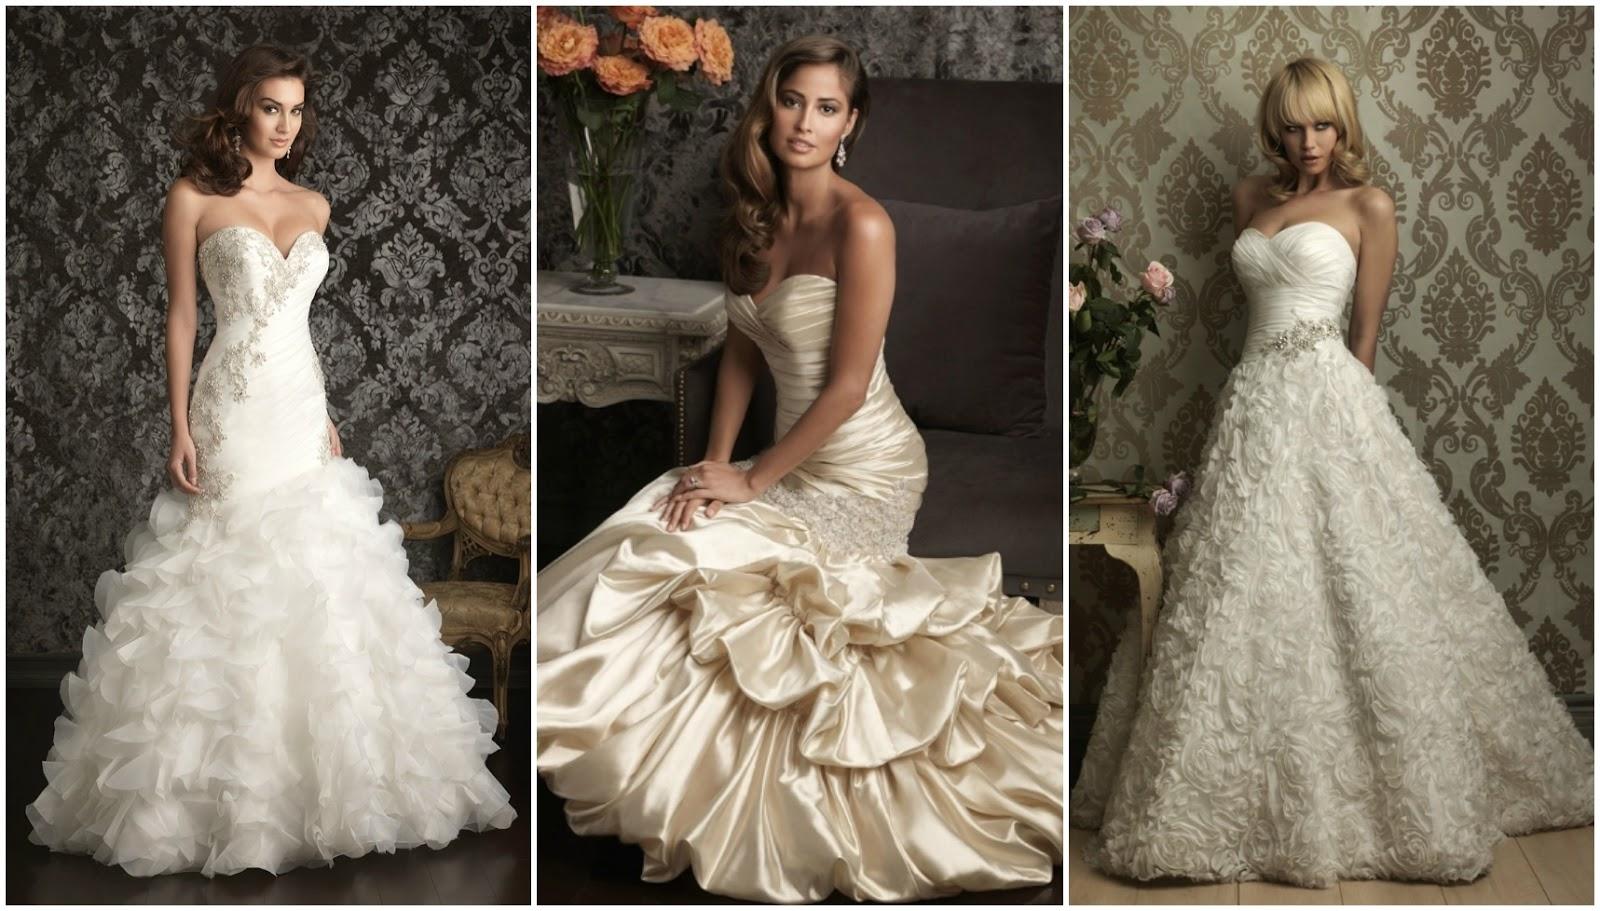 Clearance Wedding Dresses.Clearance Wedding Dress Sale Saddha